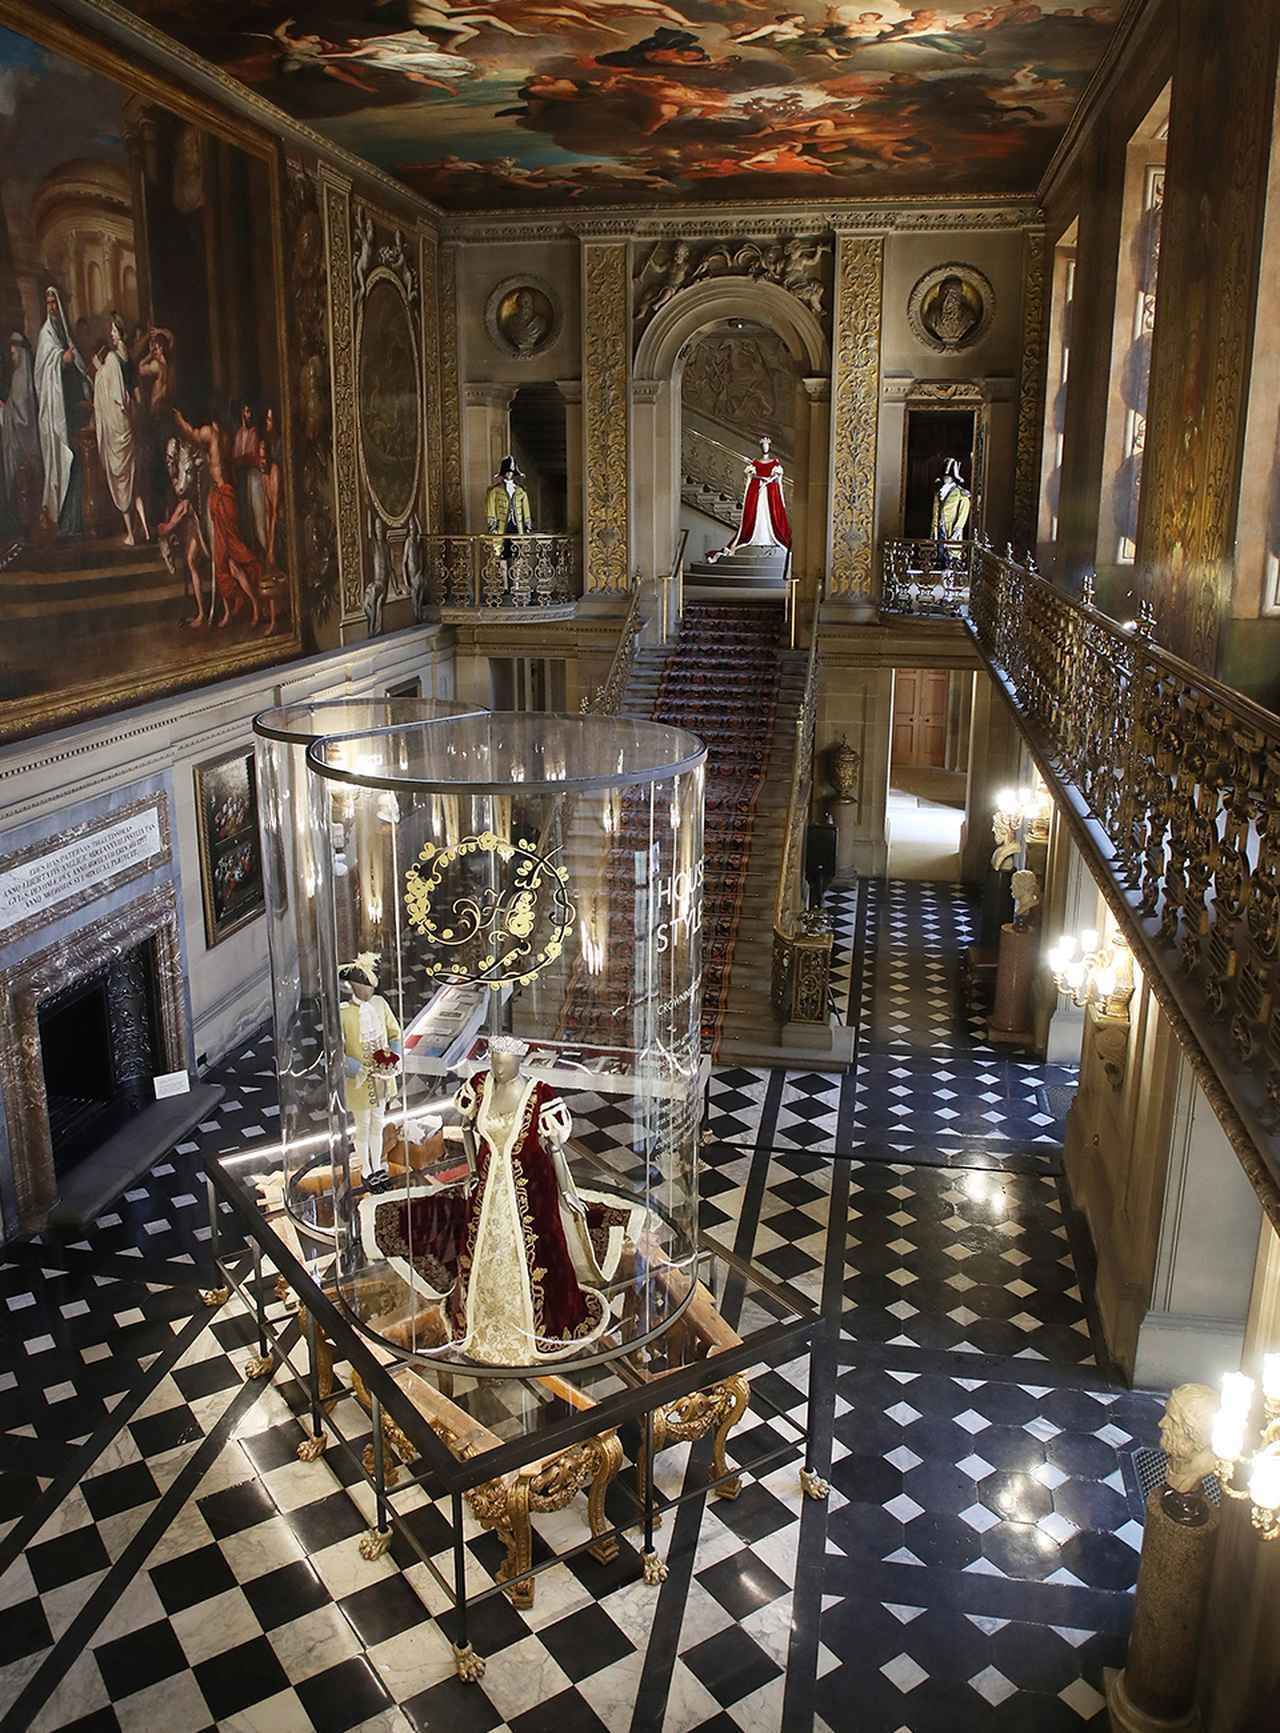 Images : 5番目の画像 - 「わざわざ飛行機に 乗ってでも出かけたい。 イギリスの古城での展覧会」のアルバム - T JAPAN:The New York Times Style Magazine 公式サイト